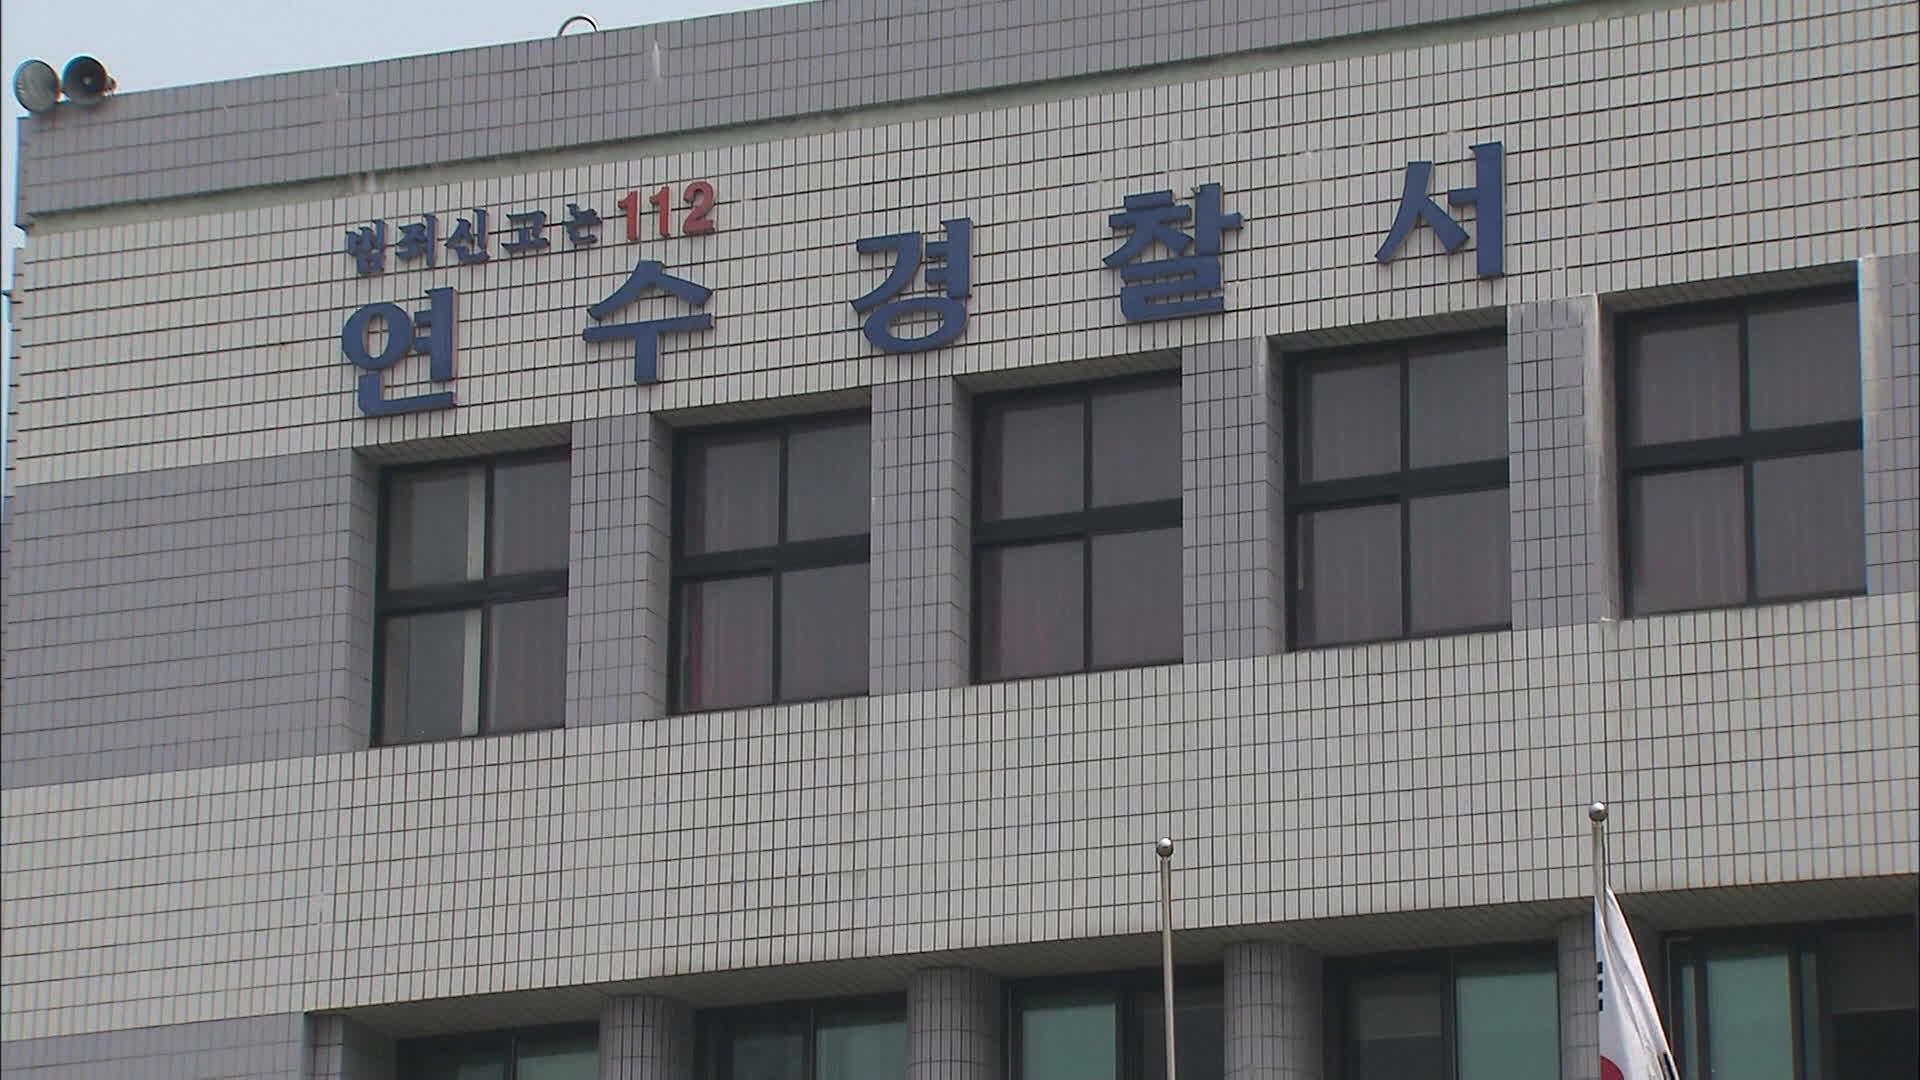 귀가하던 여성 흉기 위협한 40대 남성, 도주 끝 검거